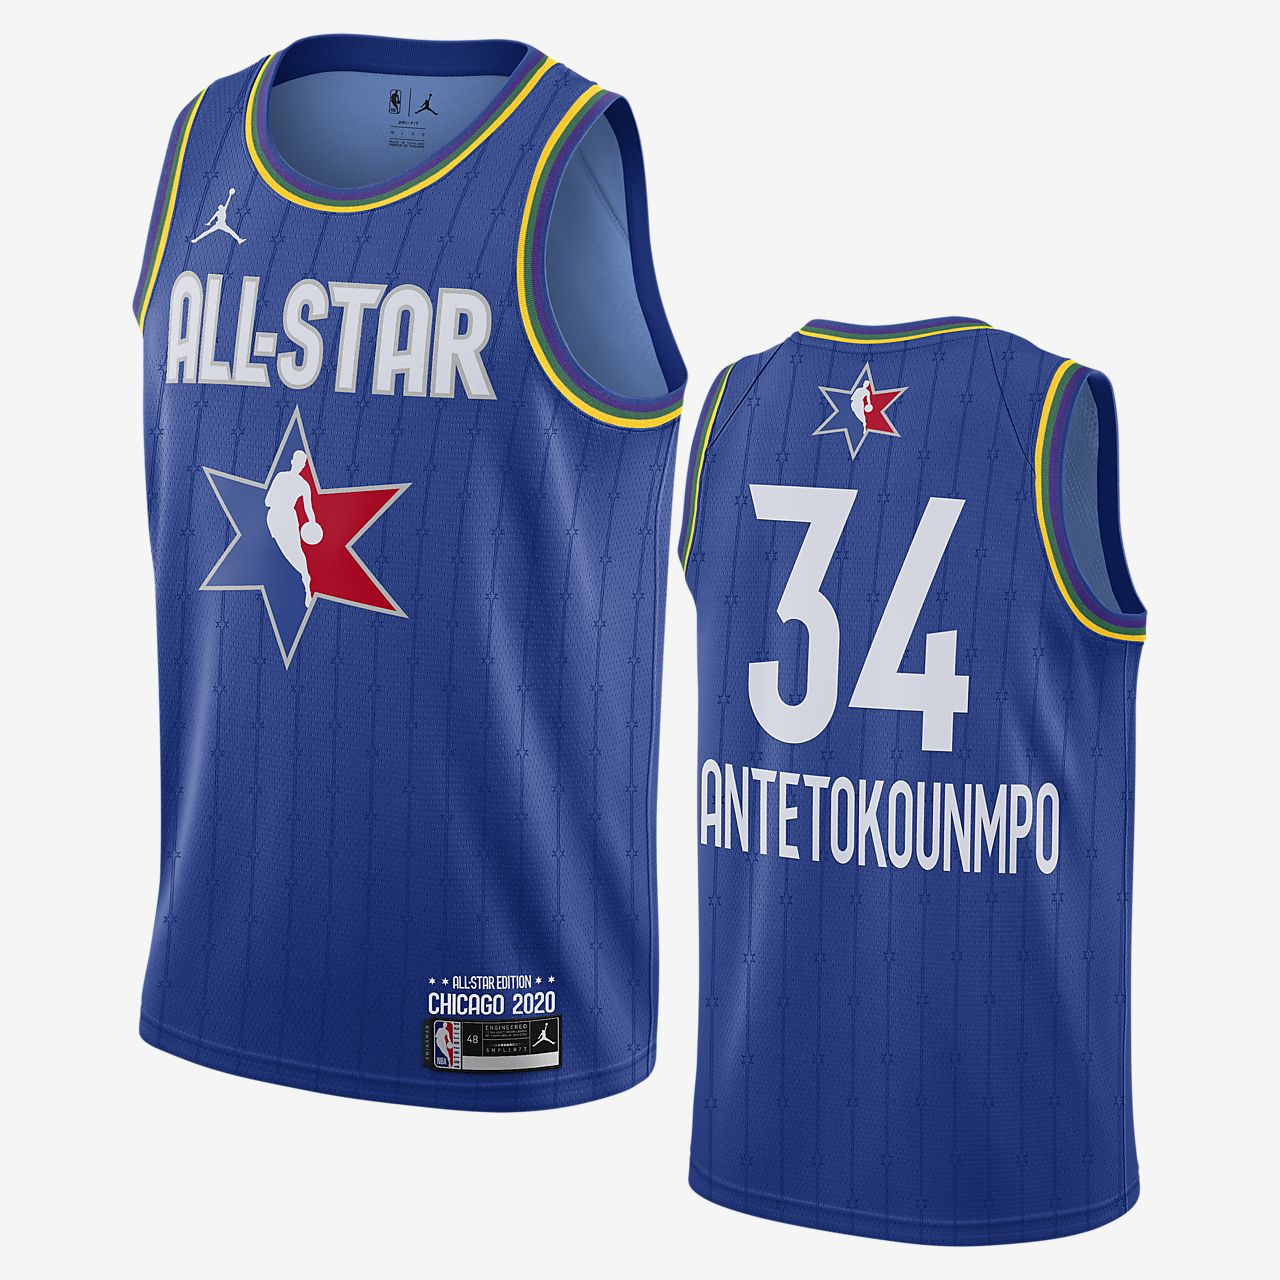 เสื้อแข่ง Jordan NBA Swingman Giannis Antetokounmpo All-Star